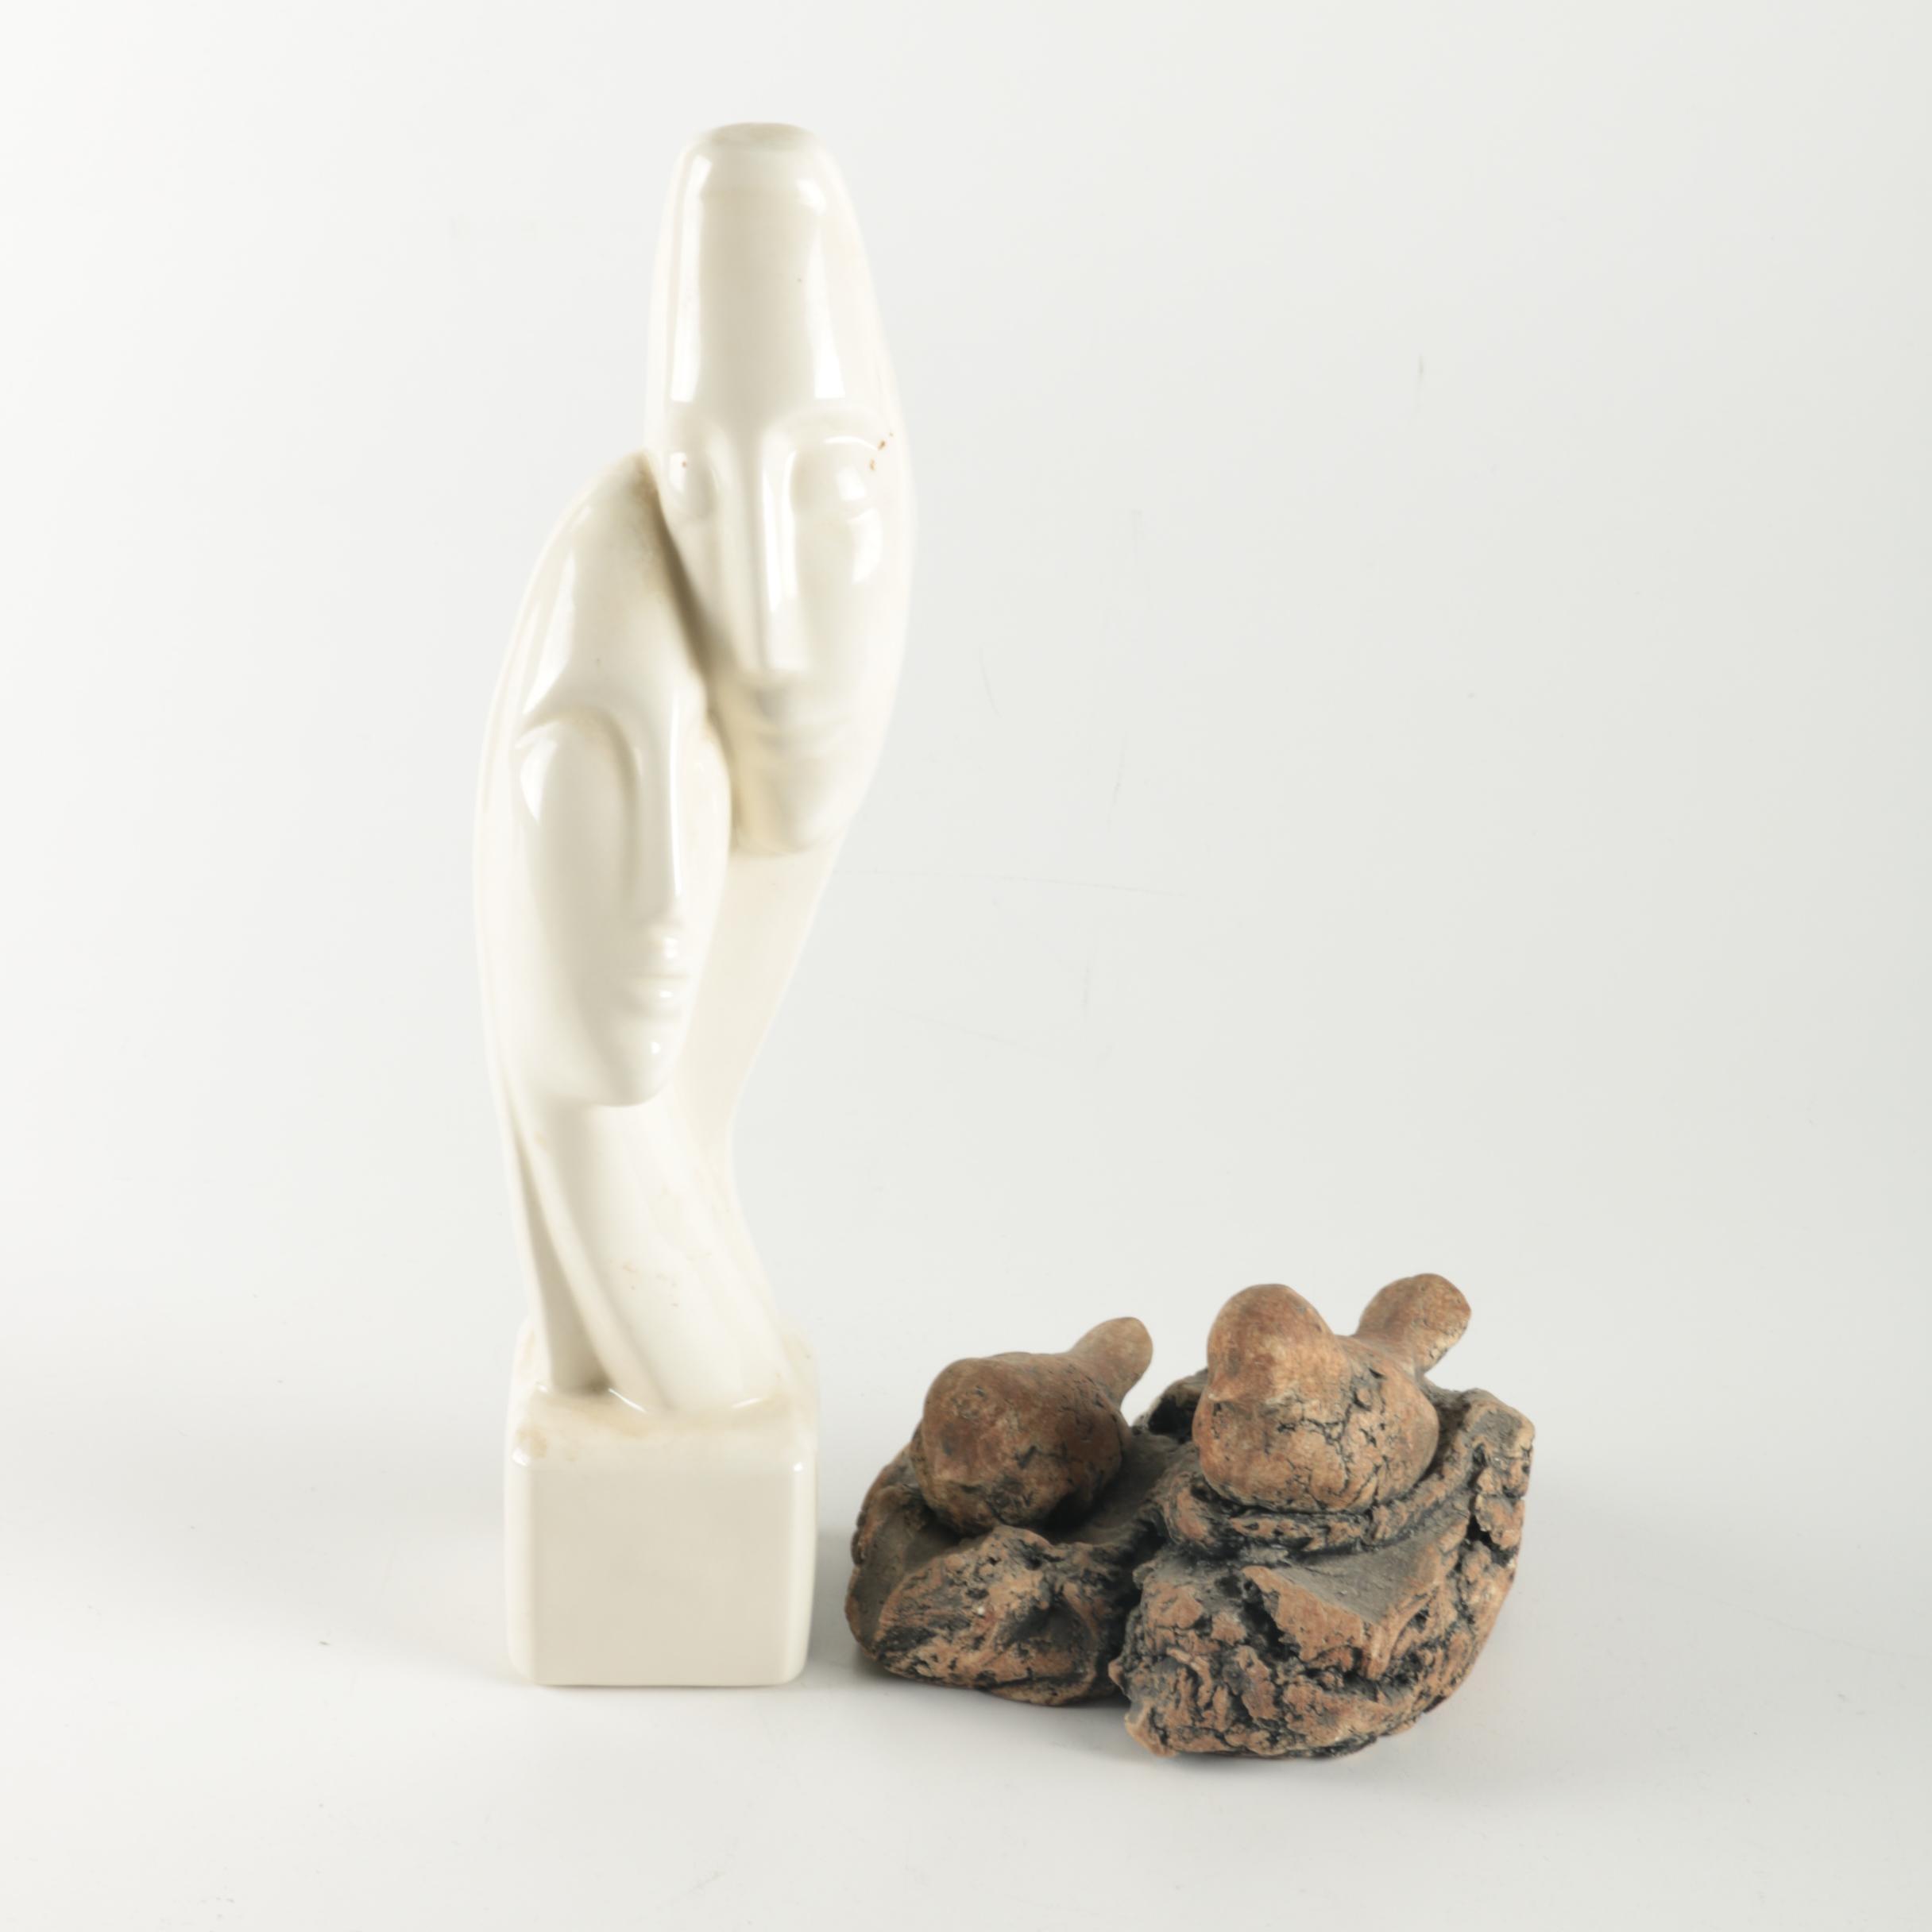 Stoneware Bird Figures and Ceramic Statuette